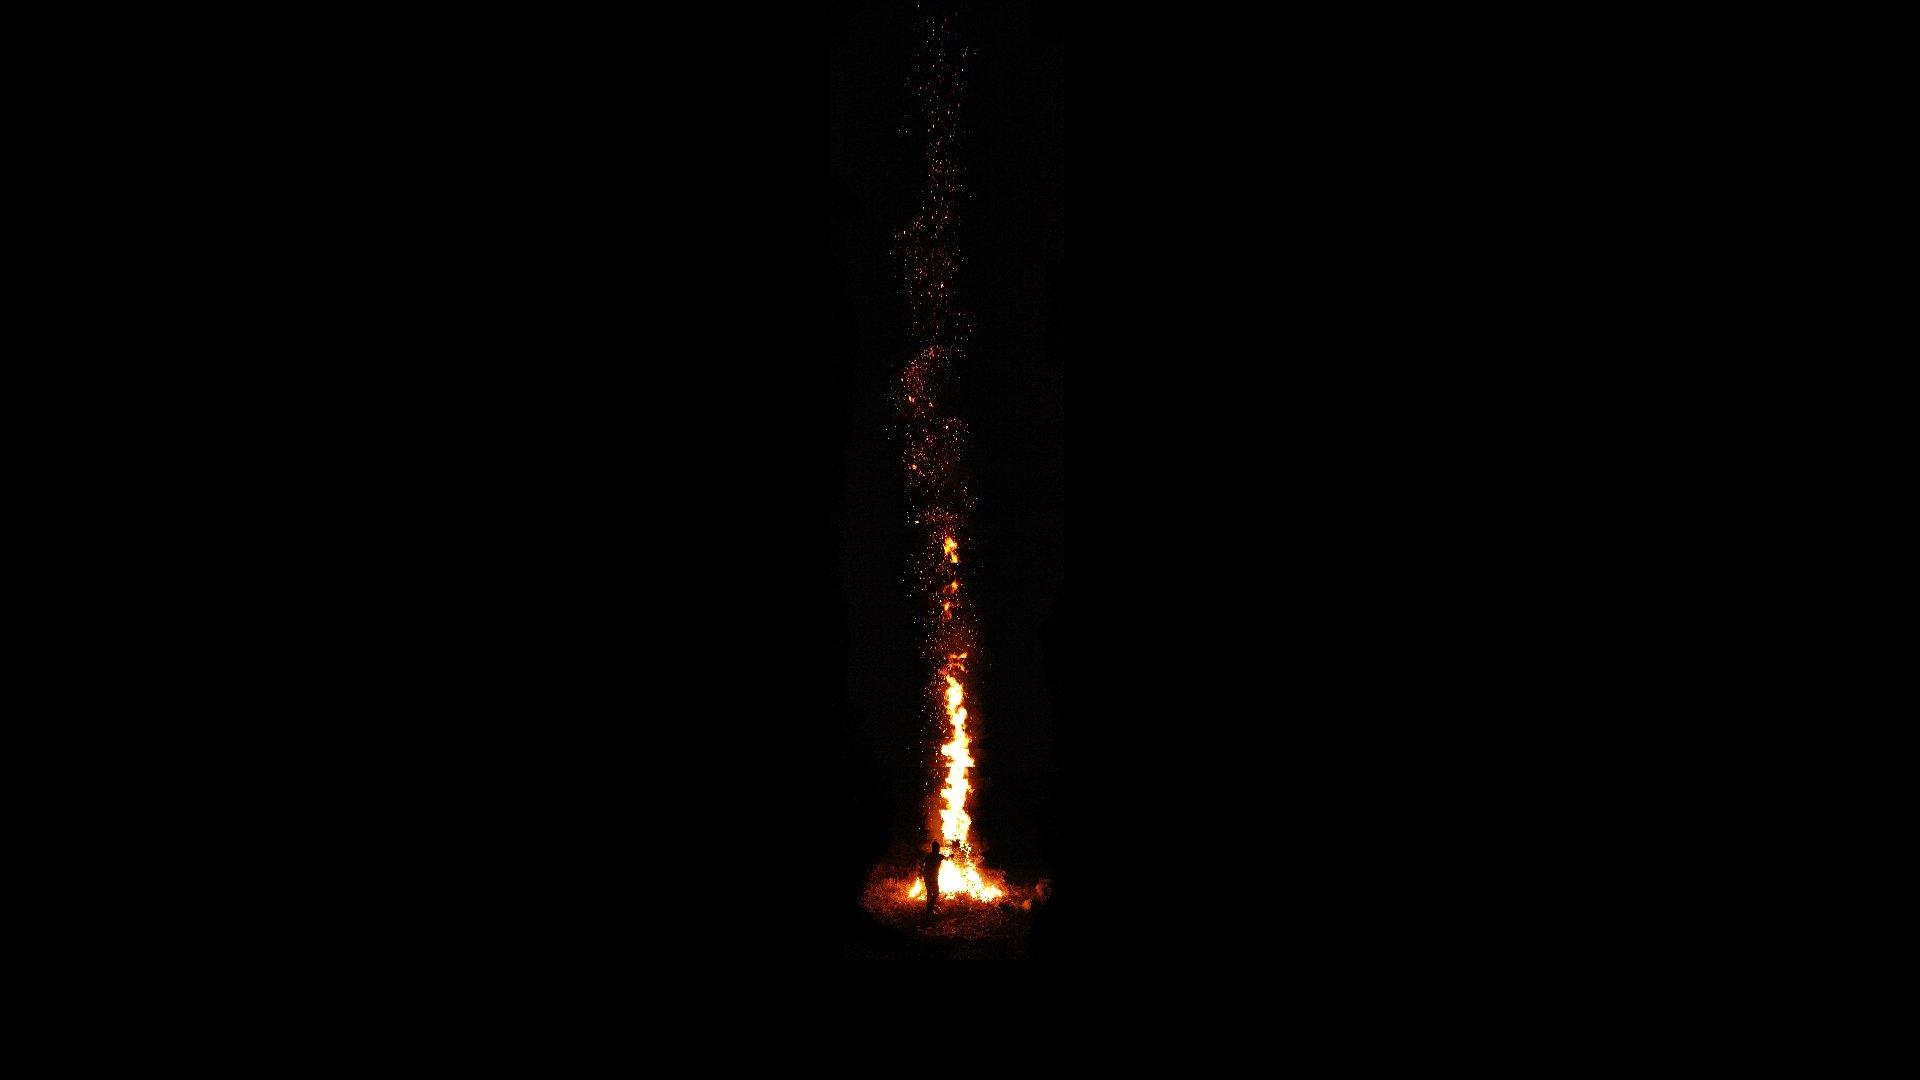 Vertical Panorama Bonfire Hd Wallpaper